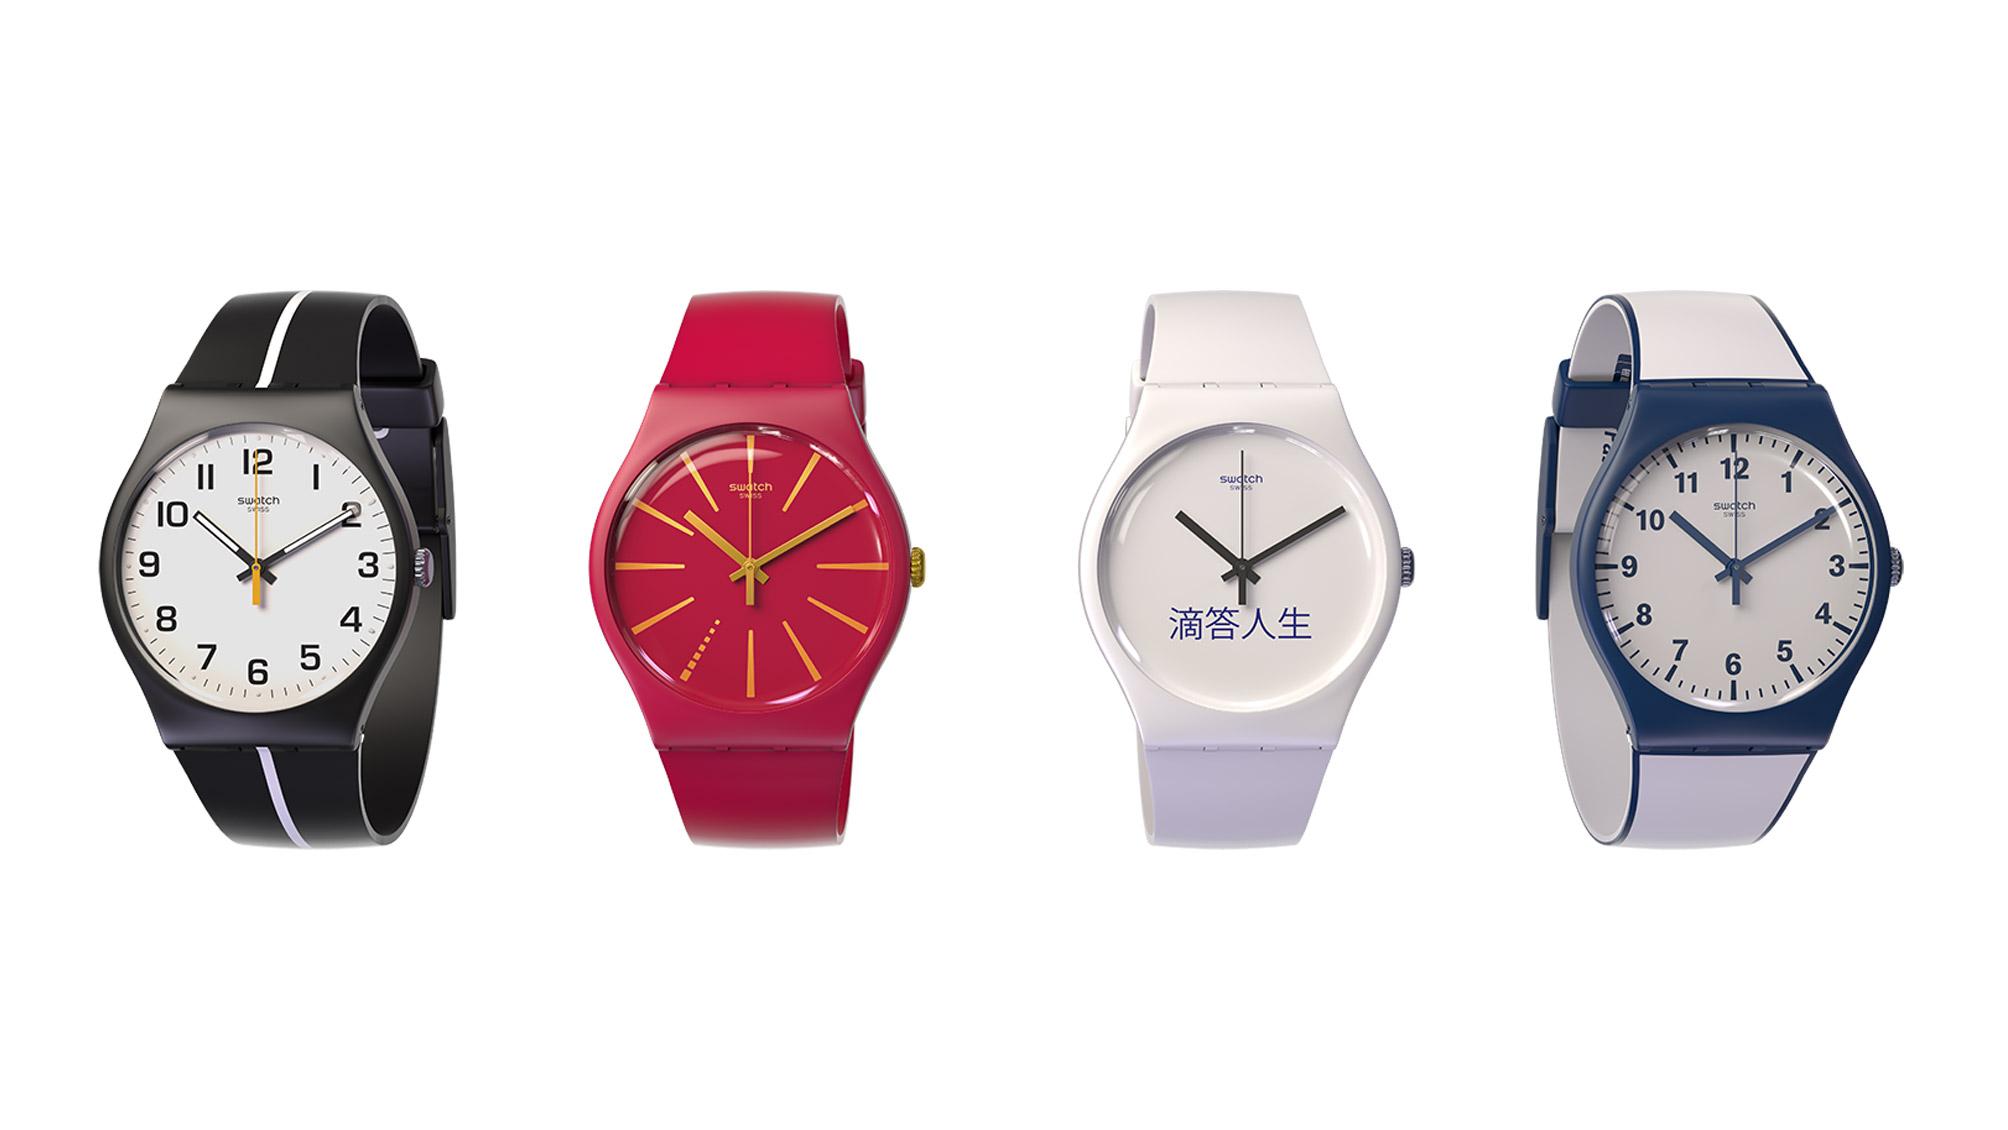 Jest plan, żebyś płacił zwykłym zegarkiem. Te dwie firmy wiedzą, jak to zrobić